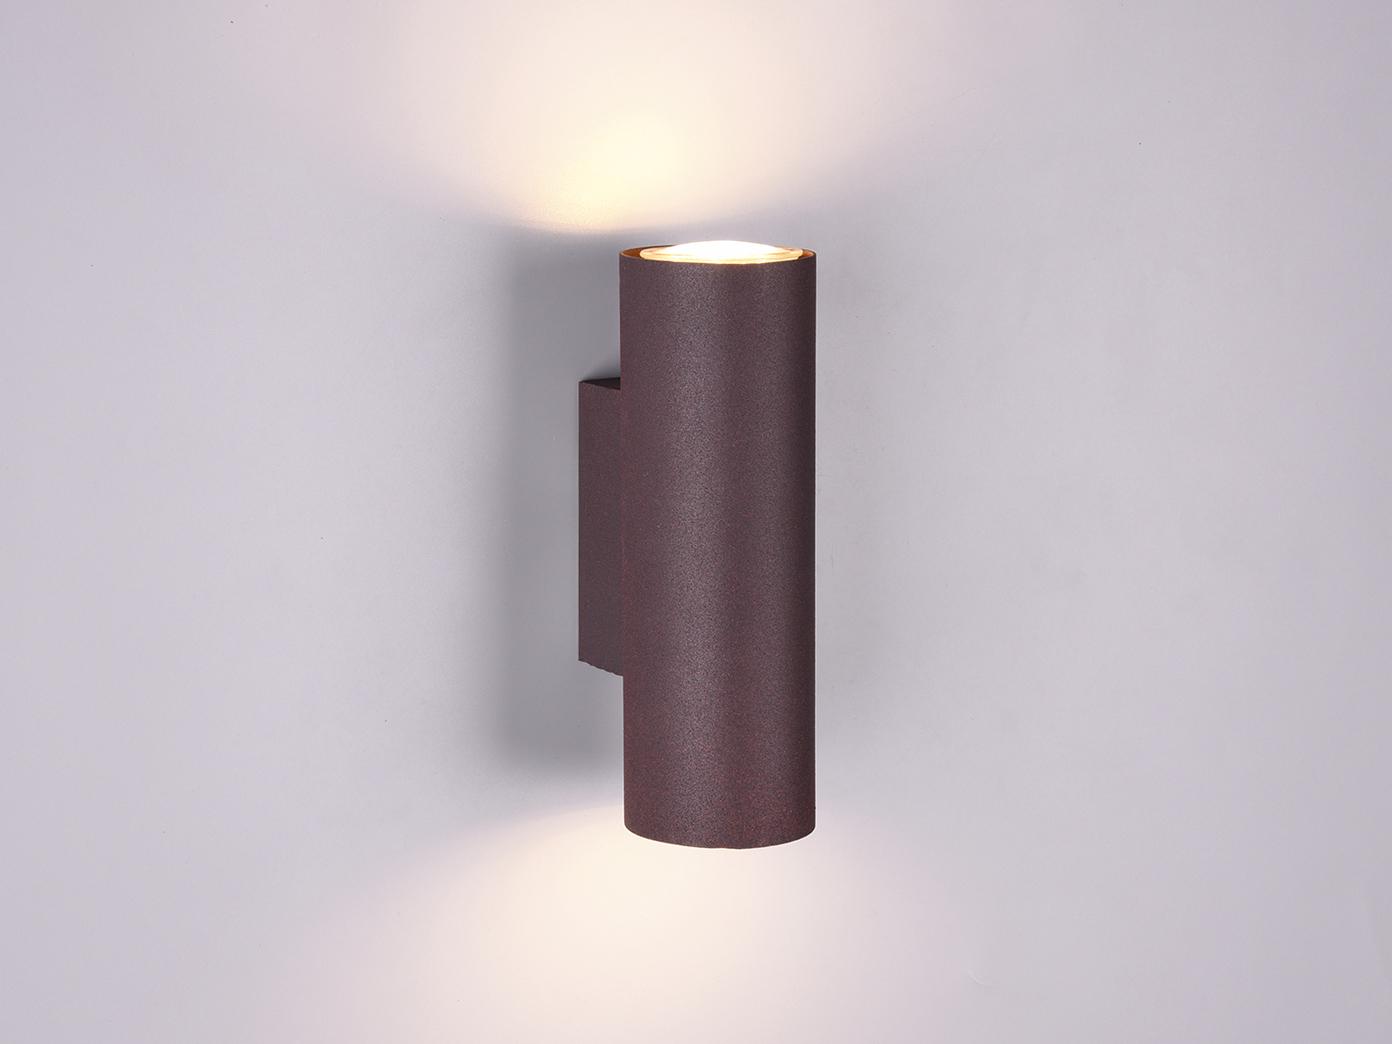 Coole Deckenspot /& Wandstrahler Serie aus rostfarbigem Metall dreh /& schwenkbar